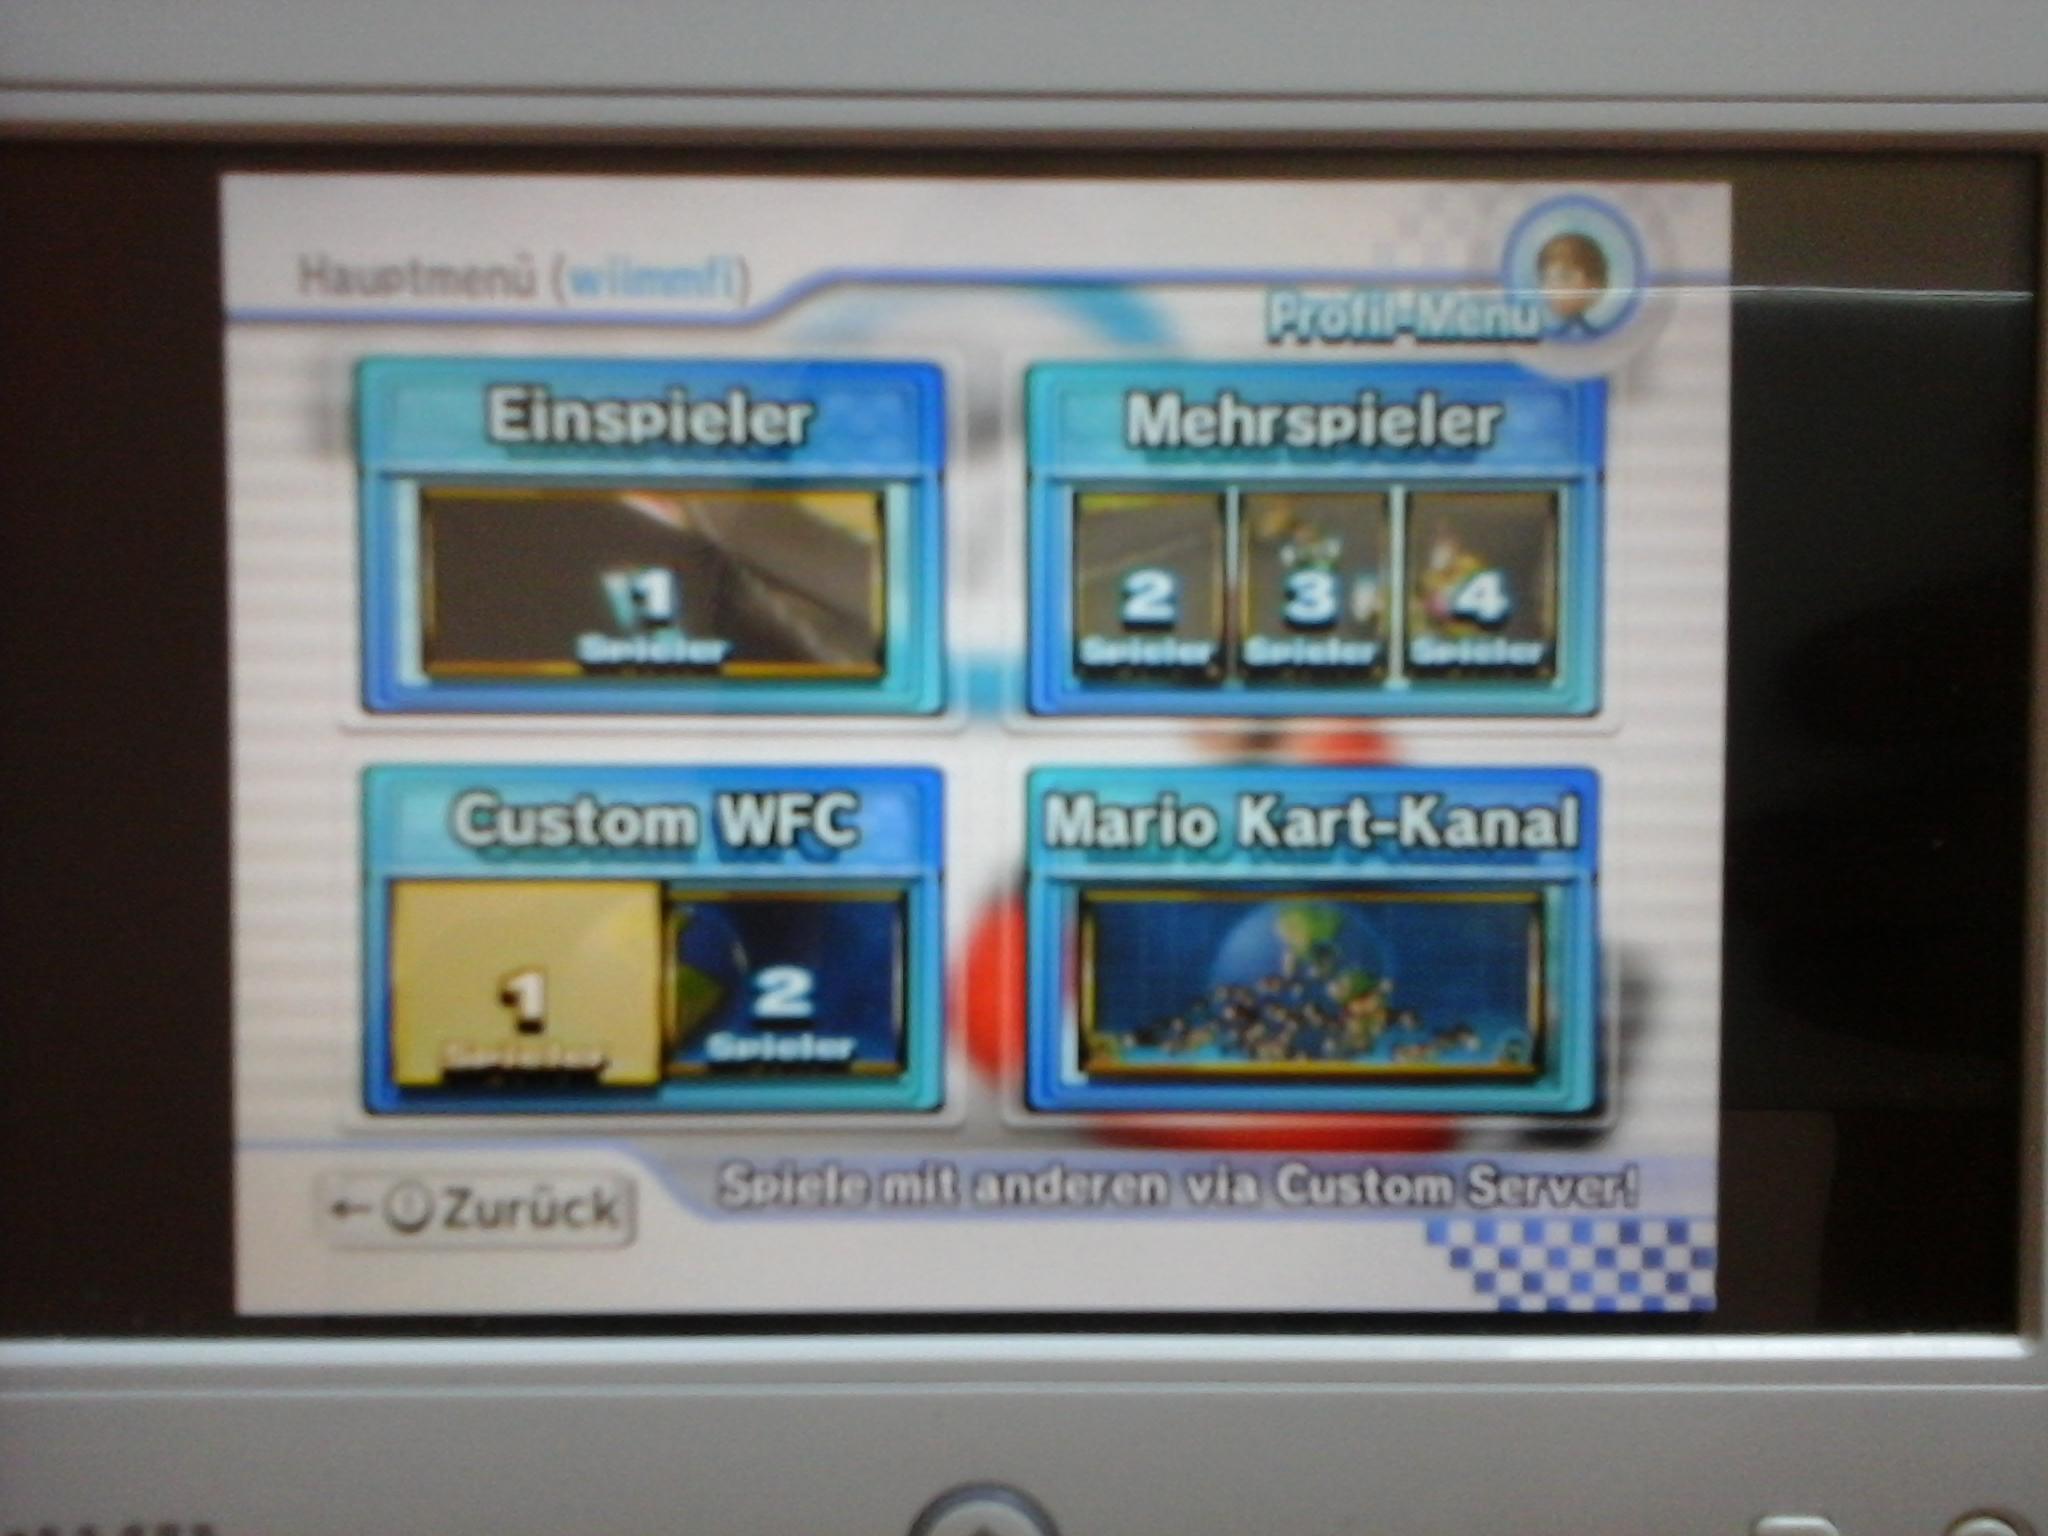 Wiiflow Channel Wad